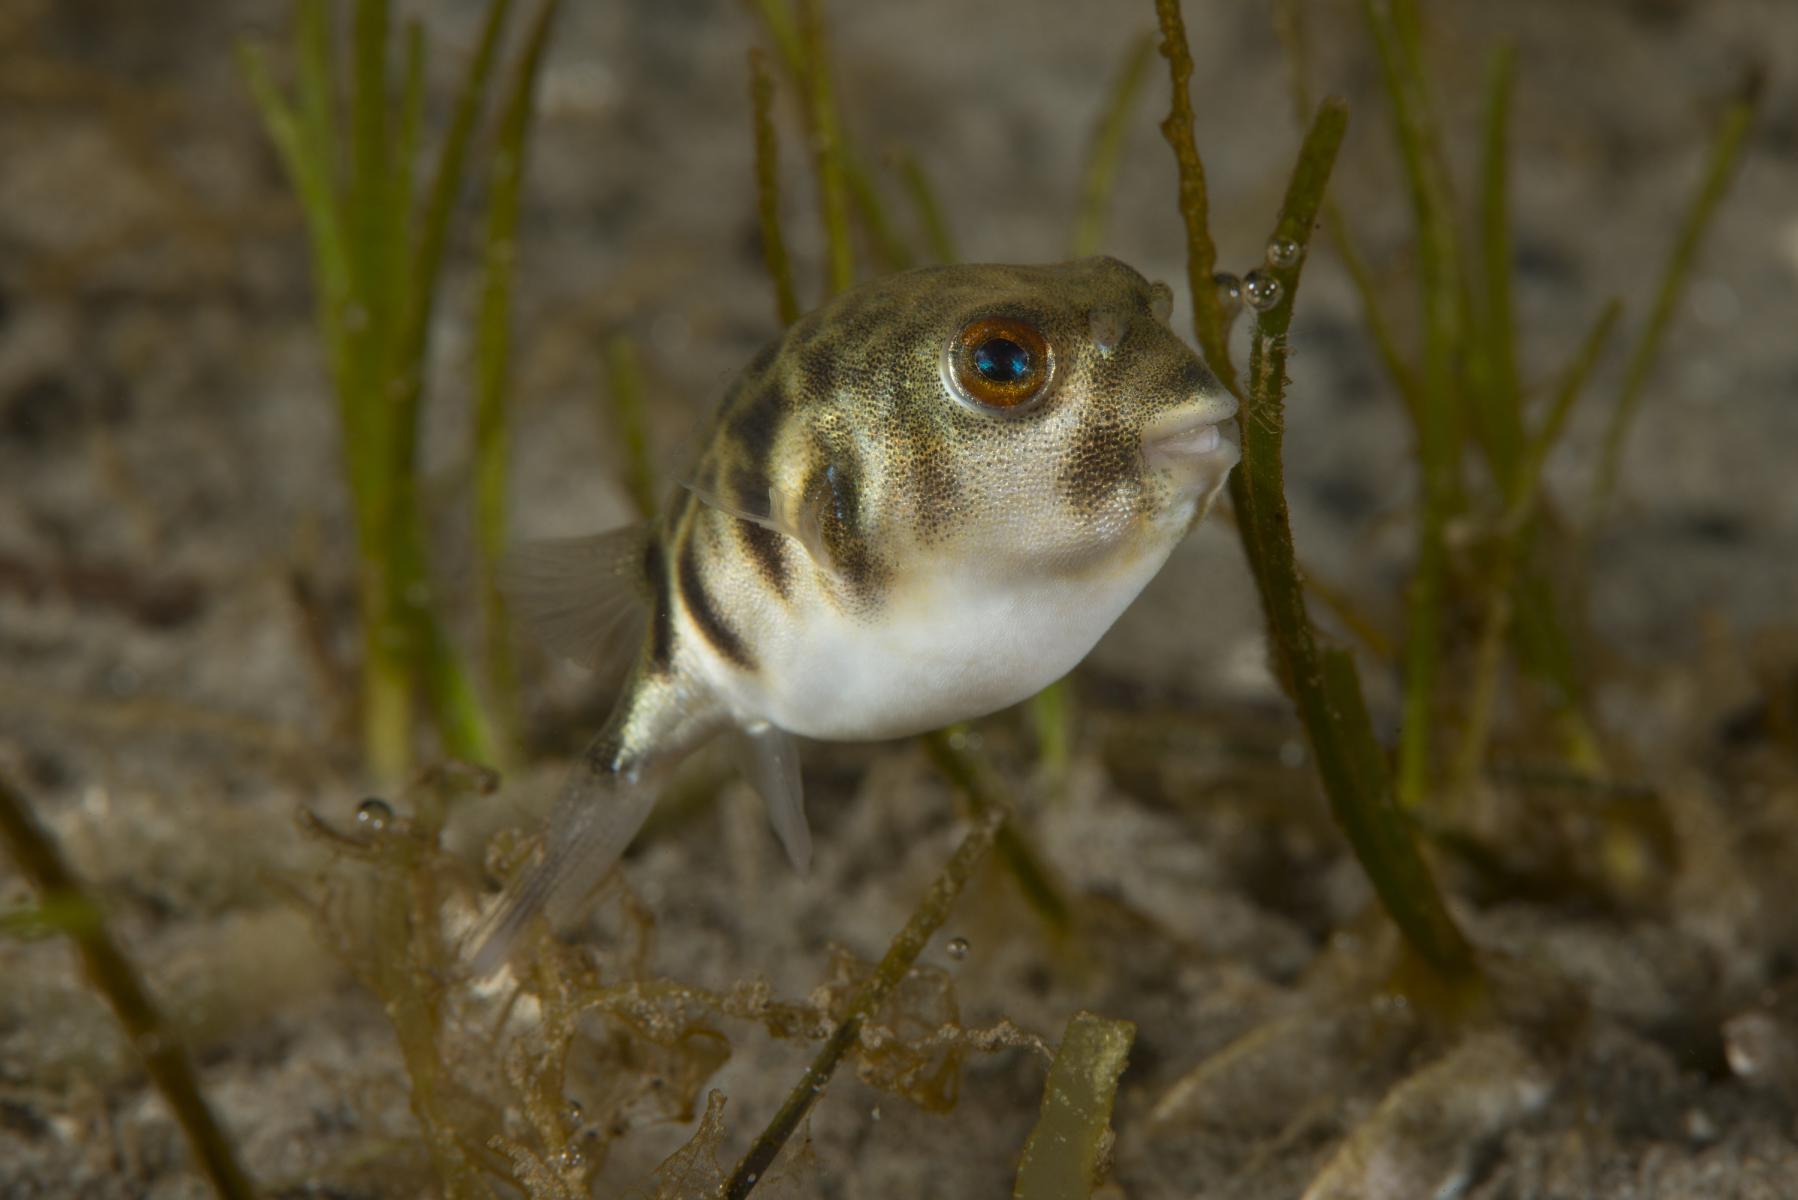 Contusus brevicaudus: prickly toadfish